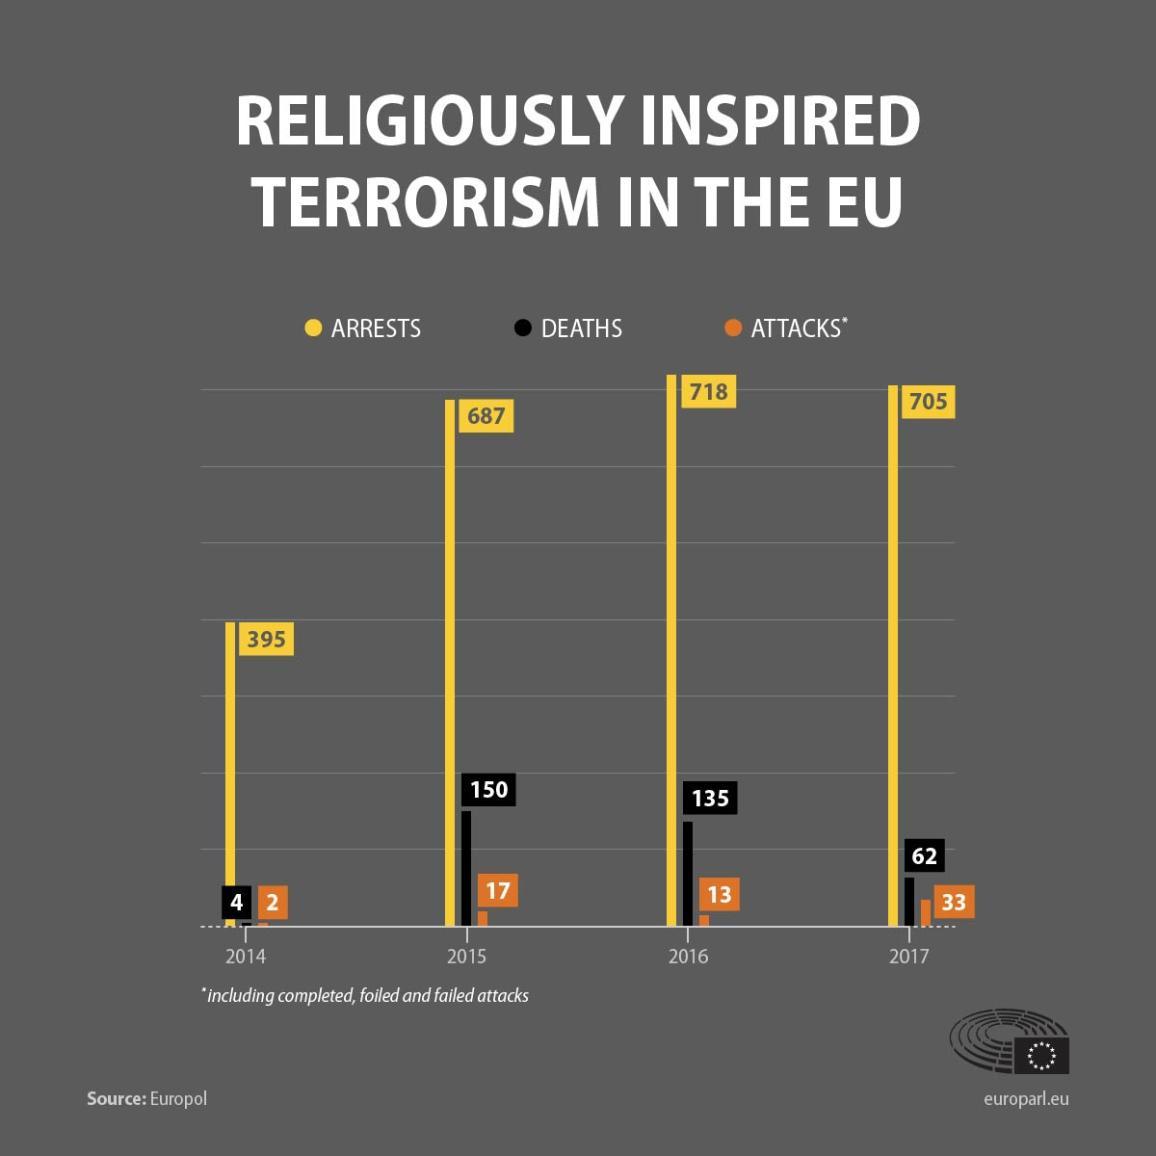 Gráfico que muestra la evolución de los ataques terroristas, muertes y arrestos en la UE en 2014-2017.